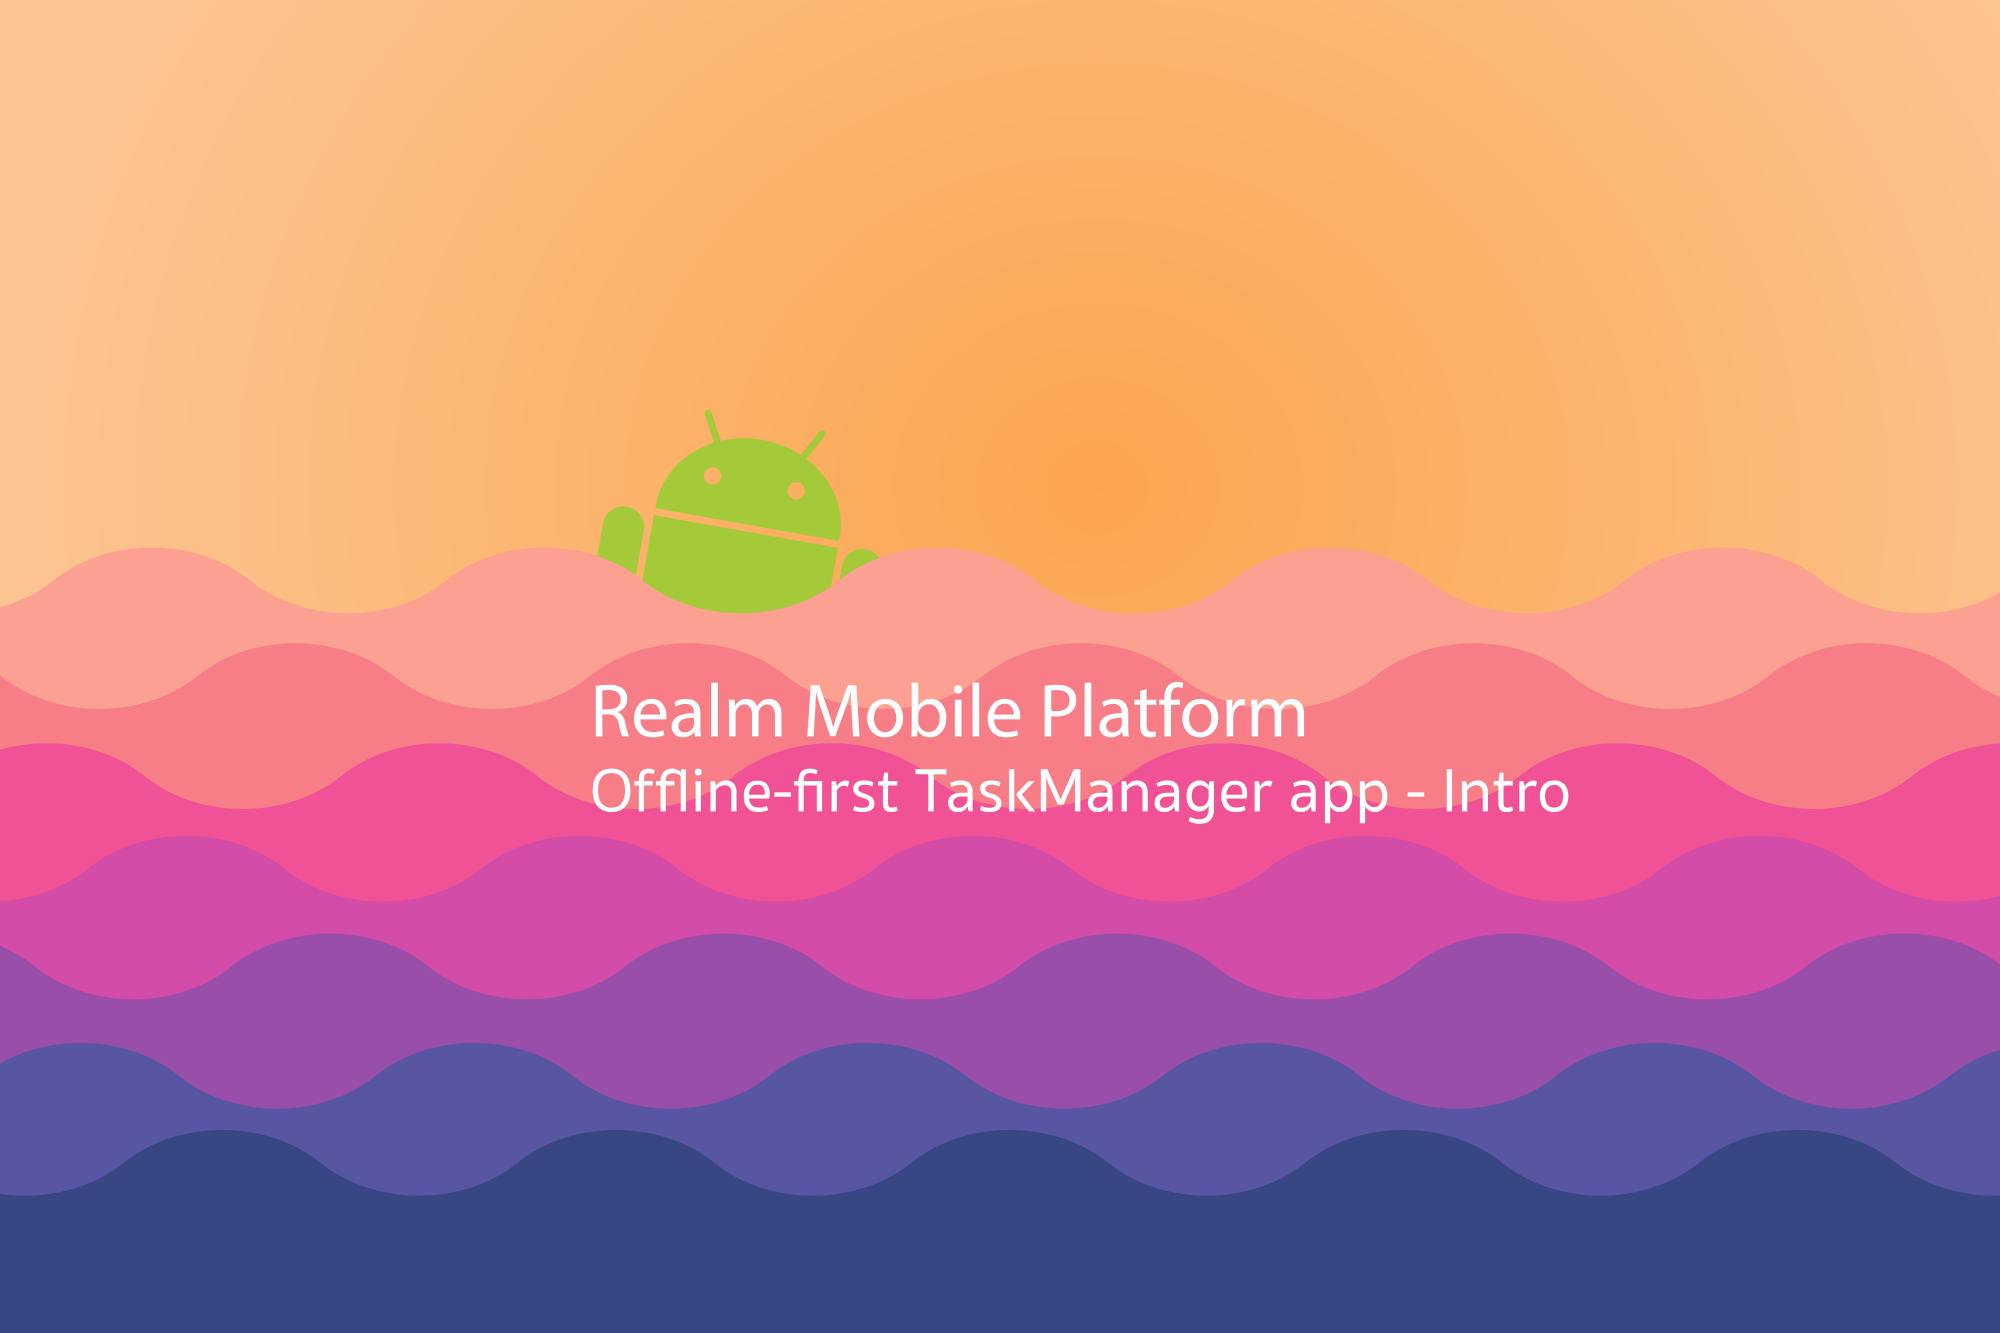 Realm Mobile Platform: Offline-first TaskManager app - Intro